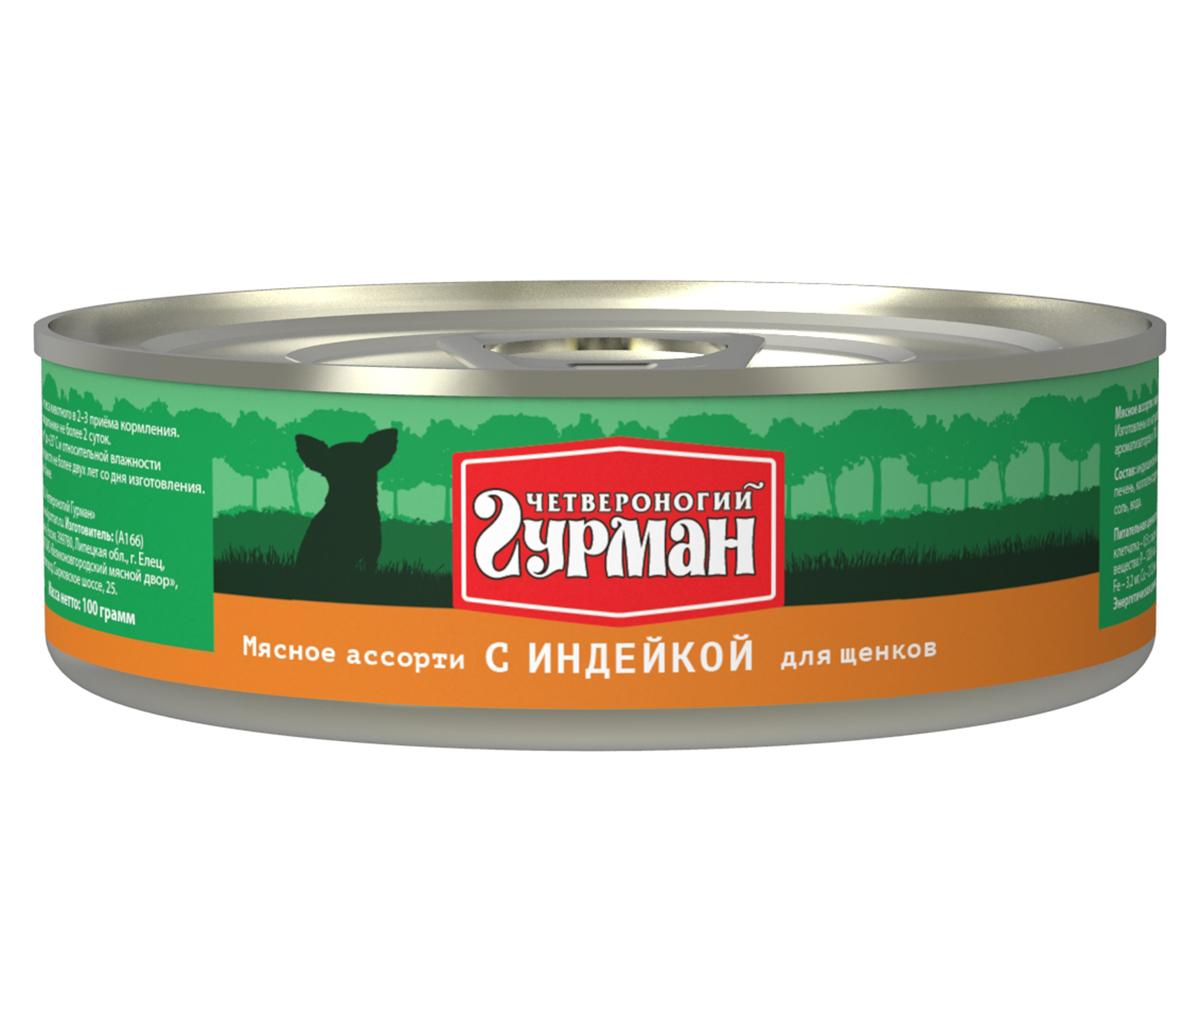 Консервы для щенков Четвероногий гурман Мясное ассорти, с индейкой, 100 г. 1031010150120710Консервы для щенков Четвероногий гурман Мясное ассорти - это влажный мясной корм суперпремиум класса, состоящий из разных сортов мяса и качественных субпродуктов. Корм не содержит синтетических витаминно-минеральных комплексов, злаков, бобовых и овощей. Никаких искусственных компонентов в составе: только натуральное, экологически чистое мясо от проверенных поставщиков. По консистенции продукт представляет собой кусочки из фарша размером 3-15 мм. В состав входит коллаген. Его компоненты (хондроитин и глюкозамин) положительно воздействуют на суставы питомца. Состав: индюшиное мясо (20%), сердце (16%), куриное мясо, легкое, рубец, печень, коллагенсодержащее сырье, животный белок, масло растительное, вода. Пищевая ценность (в 100 г продукта): протеин 12 г, жир 6,8 г, клетчатка 0,5 г, сырая зола 2 г, влага 80 г. Минеральные вещества: P 128,6 мг, Са 9,4 мг, Na 160 мг, Cl 203,4 мг, Mg 13,5 мг, Fe 3,2 мг, Cu 212,8 мкг, I 3,02 мкг. Витамины: А, E, В1, В2, B3, B5, B6. Энергетическая ценность (на 100 г): 110 ккал.Товар сертифицирован.